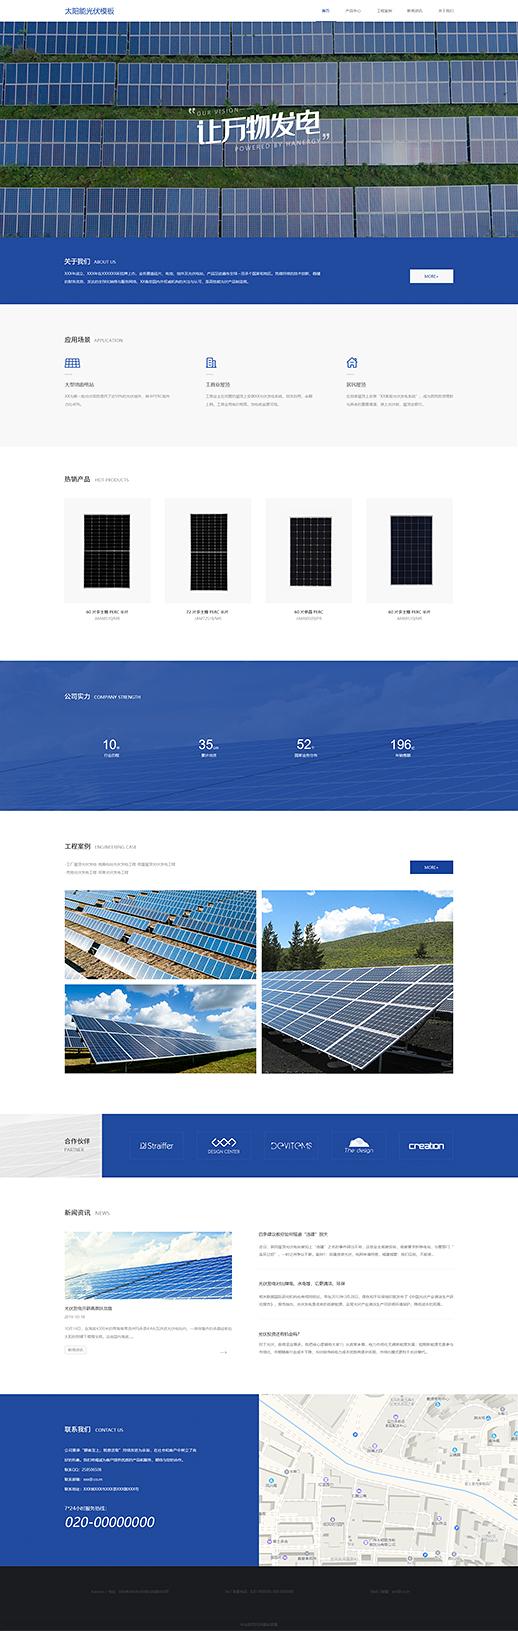 优质太阳能光伏发电